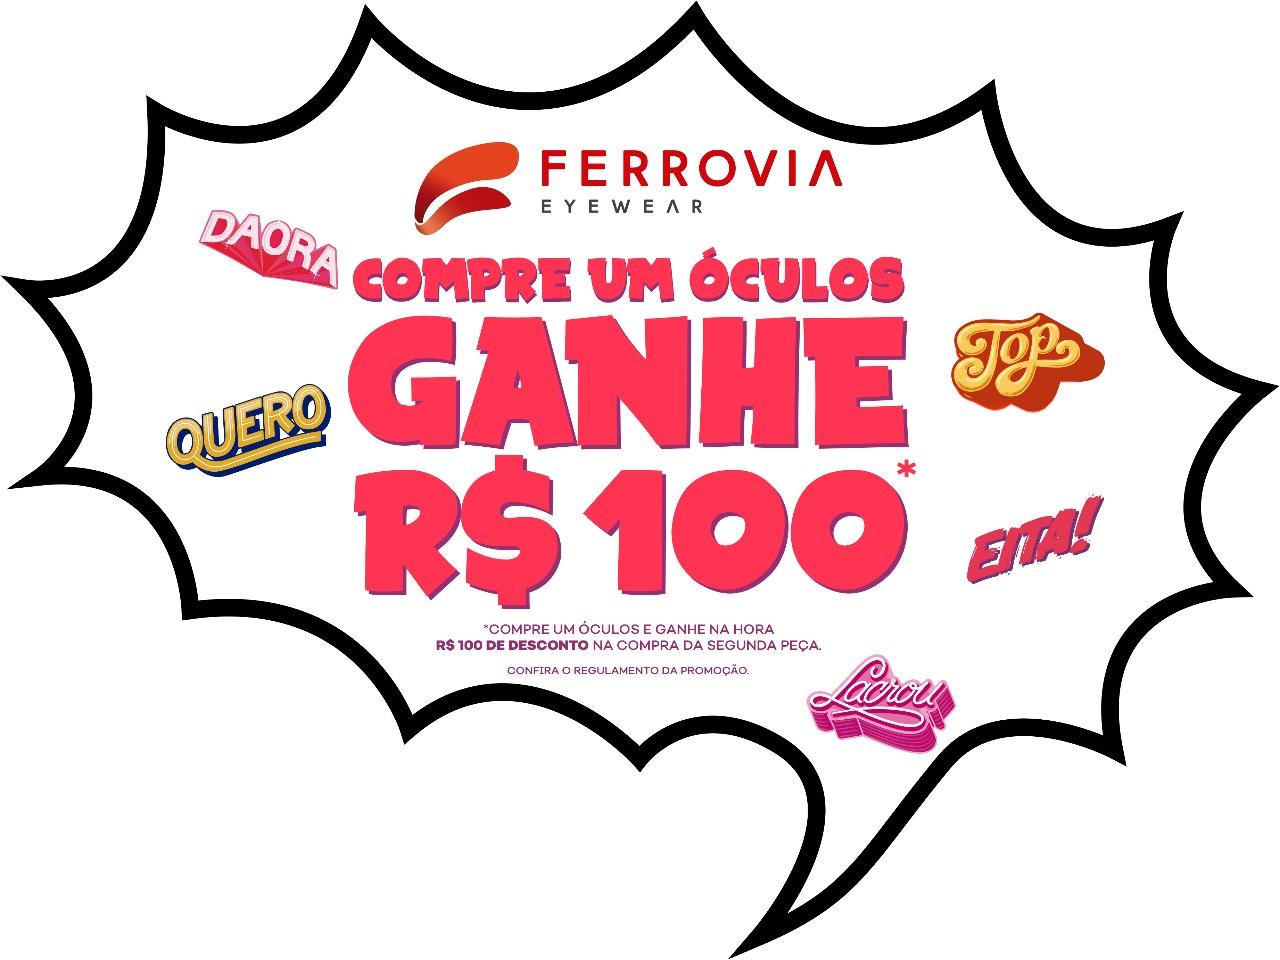 """Ferrovia Eyewear lança campanha """"Compre um óculos, ganhe R 100"""" - Layout 972c145135"""